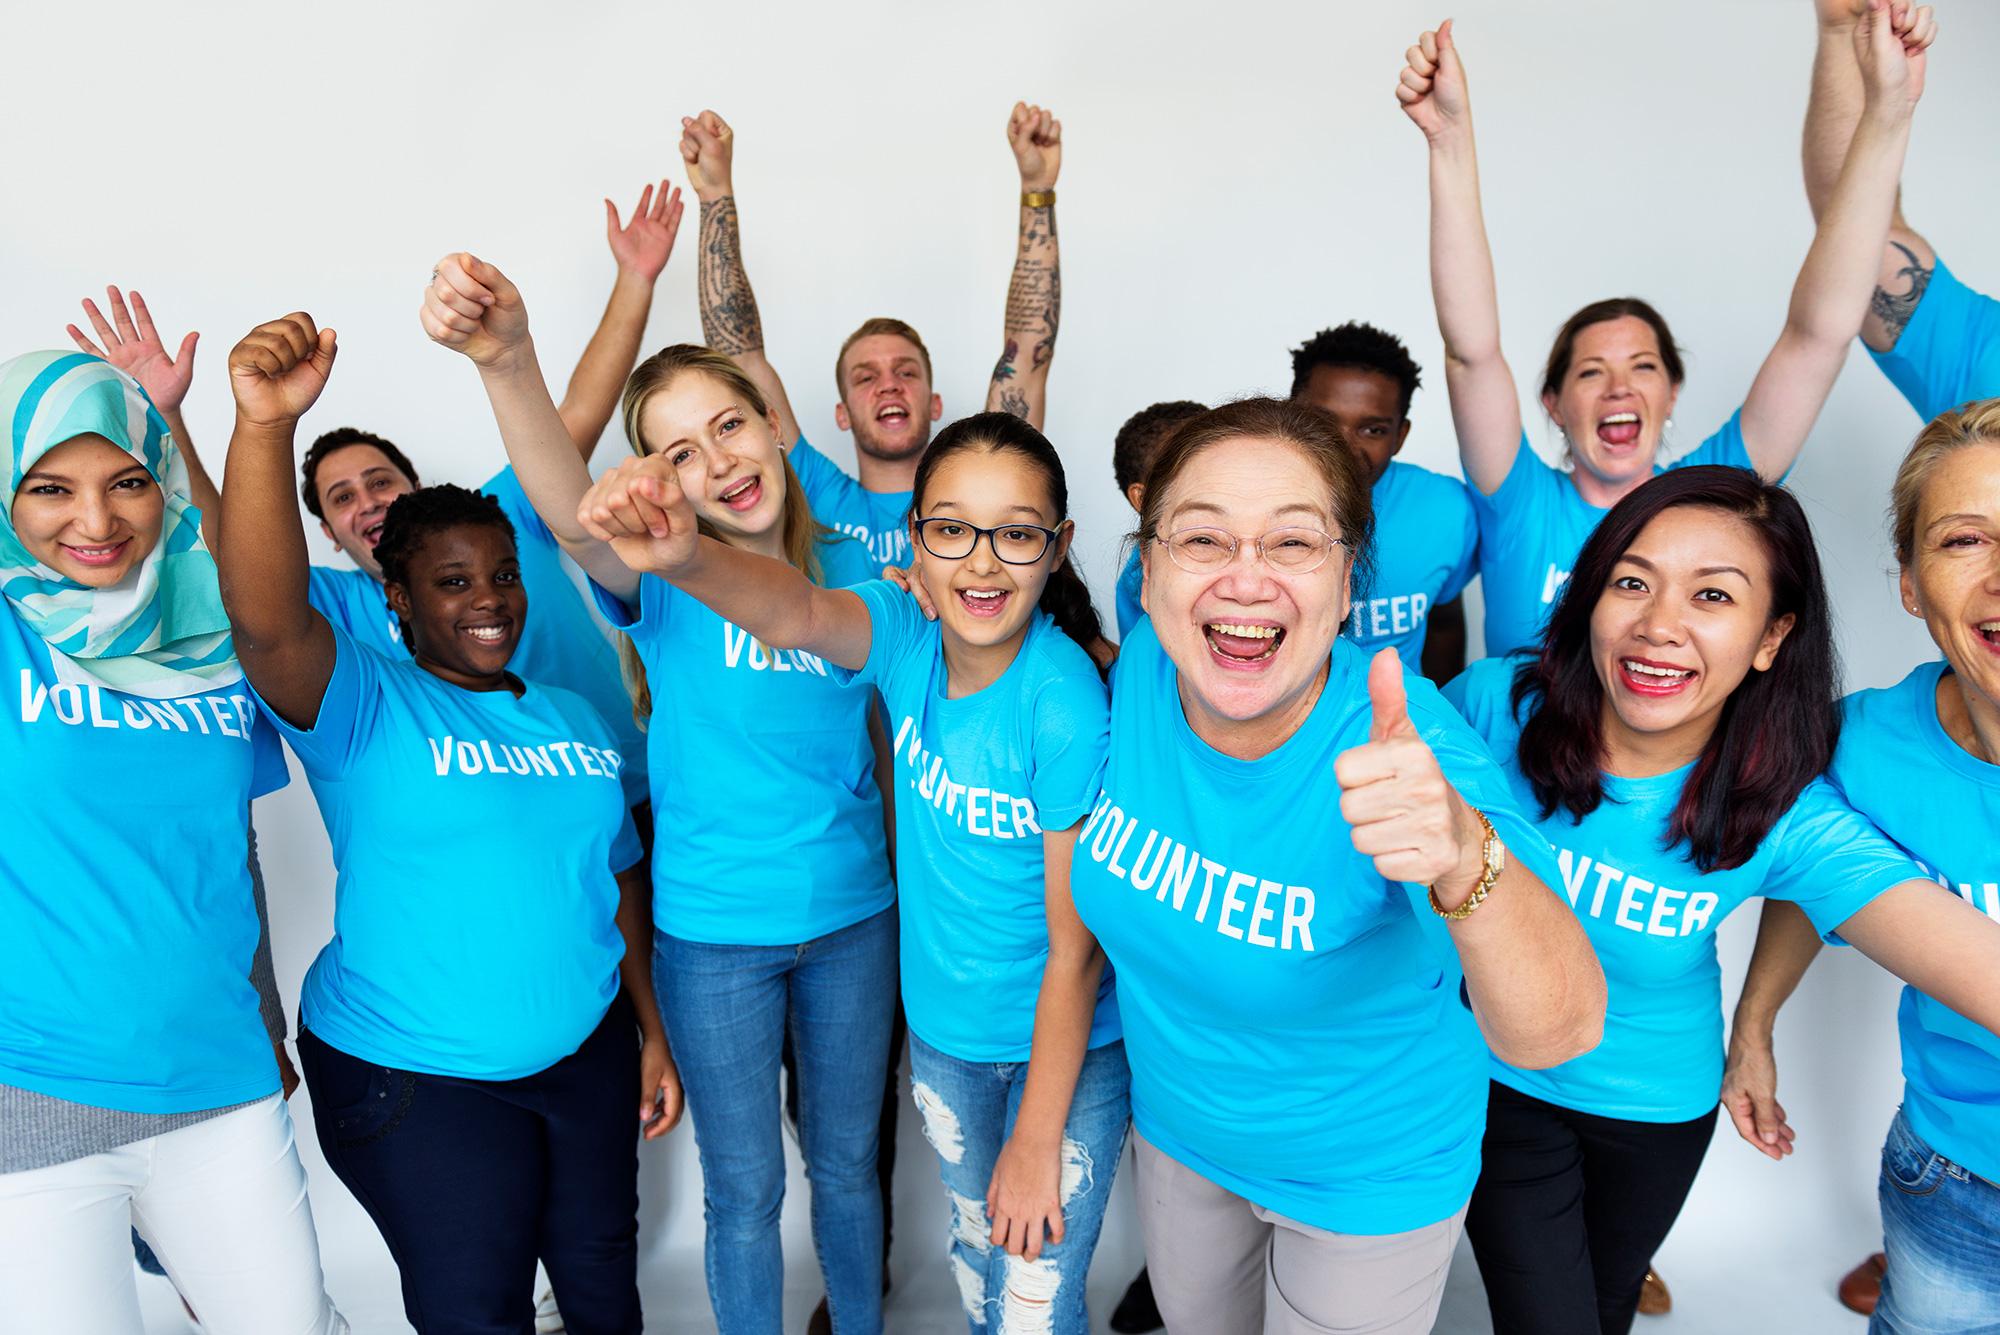 yardley-arts-volunteers.jpg